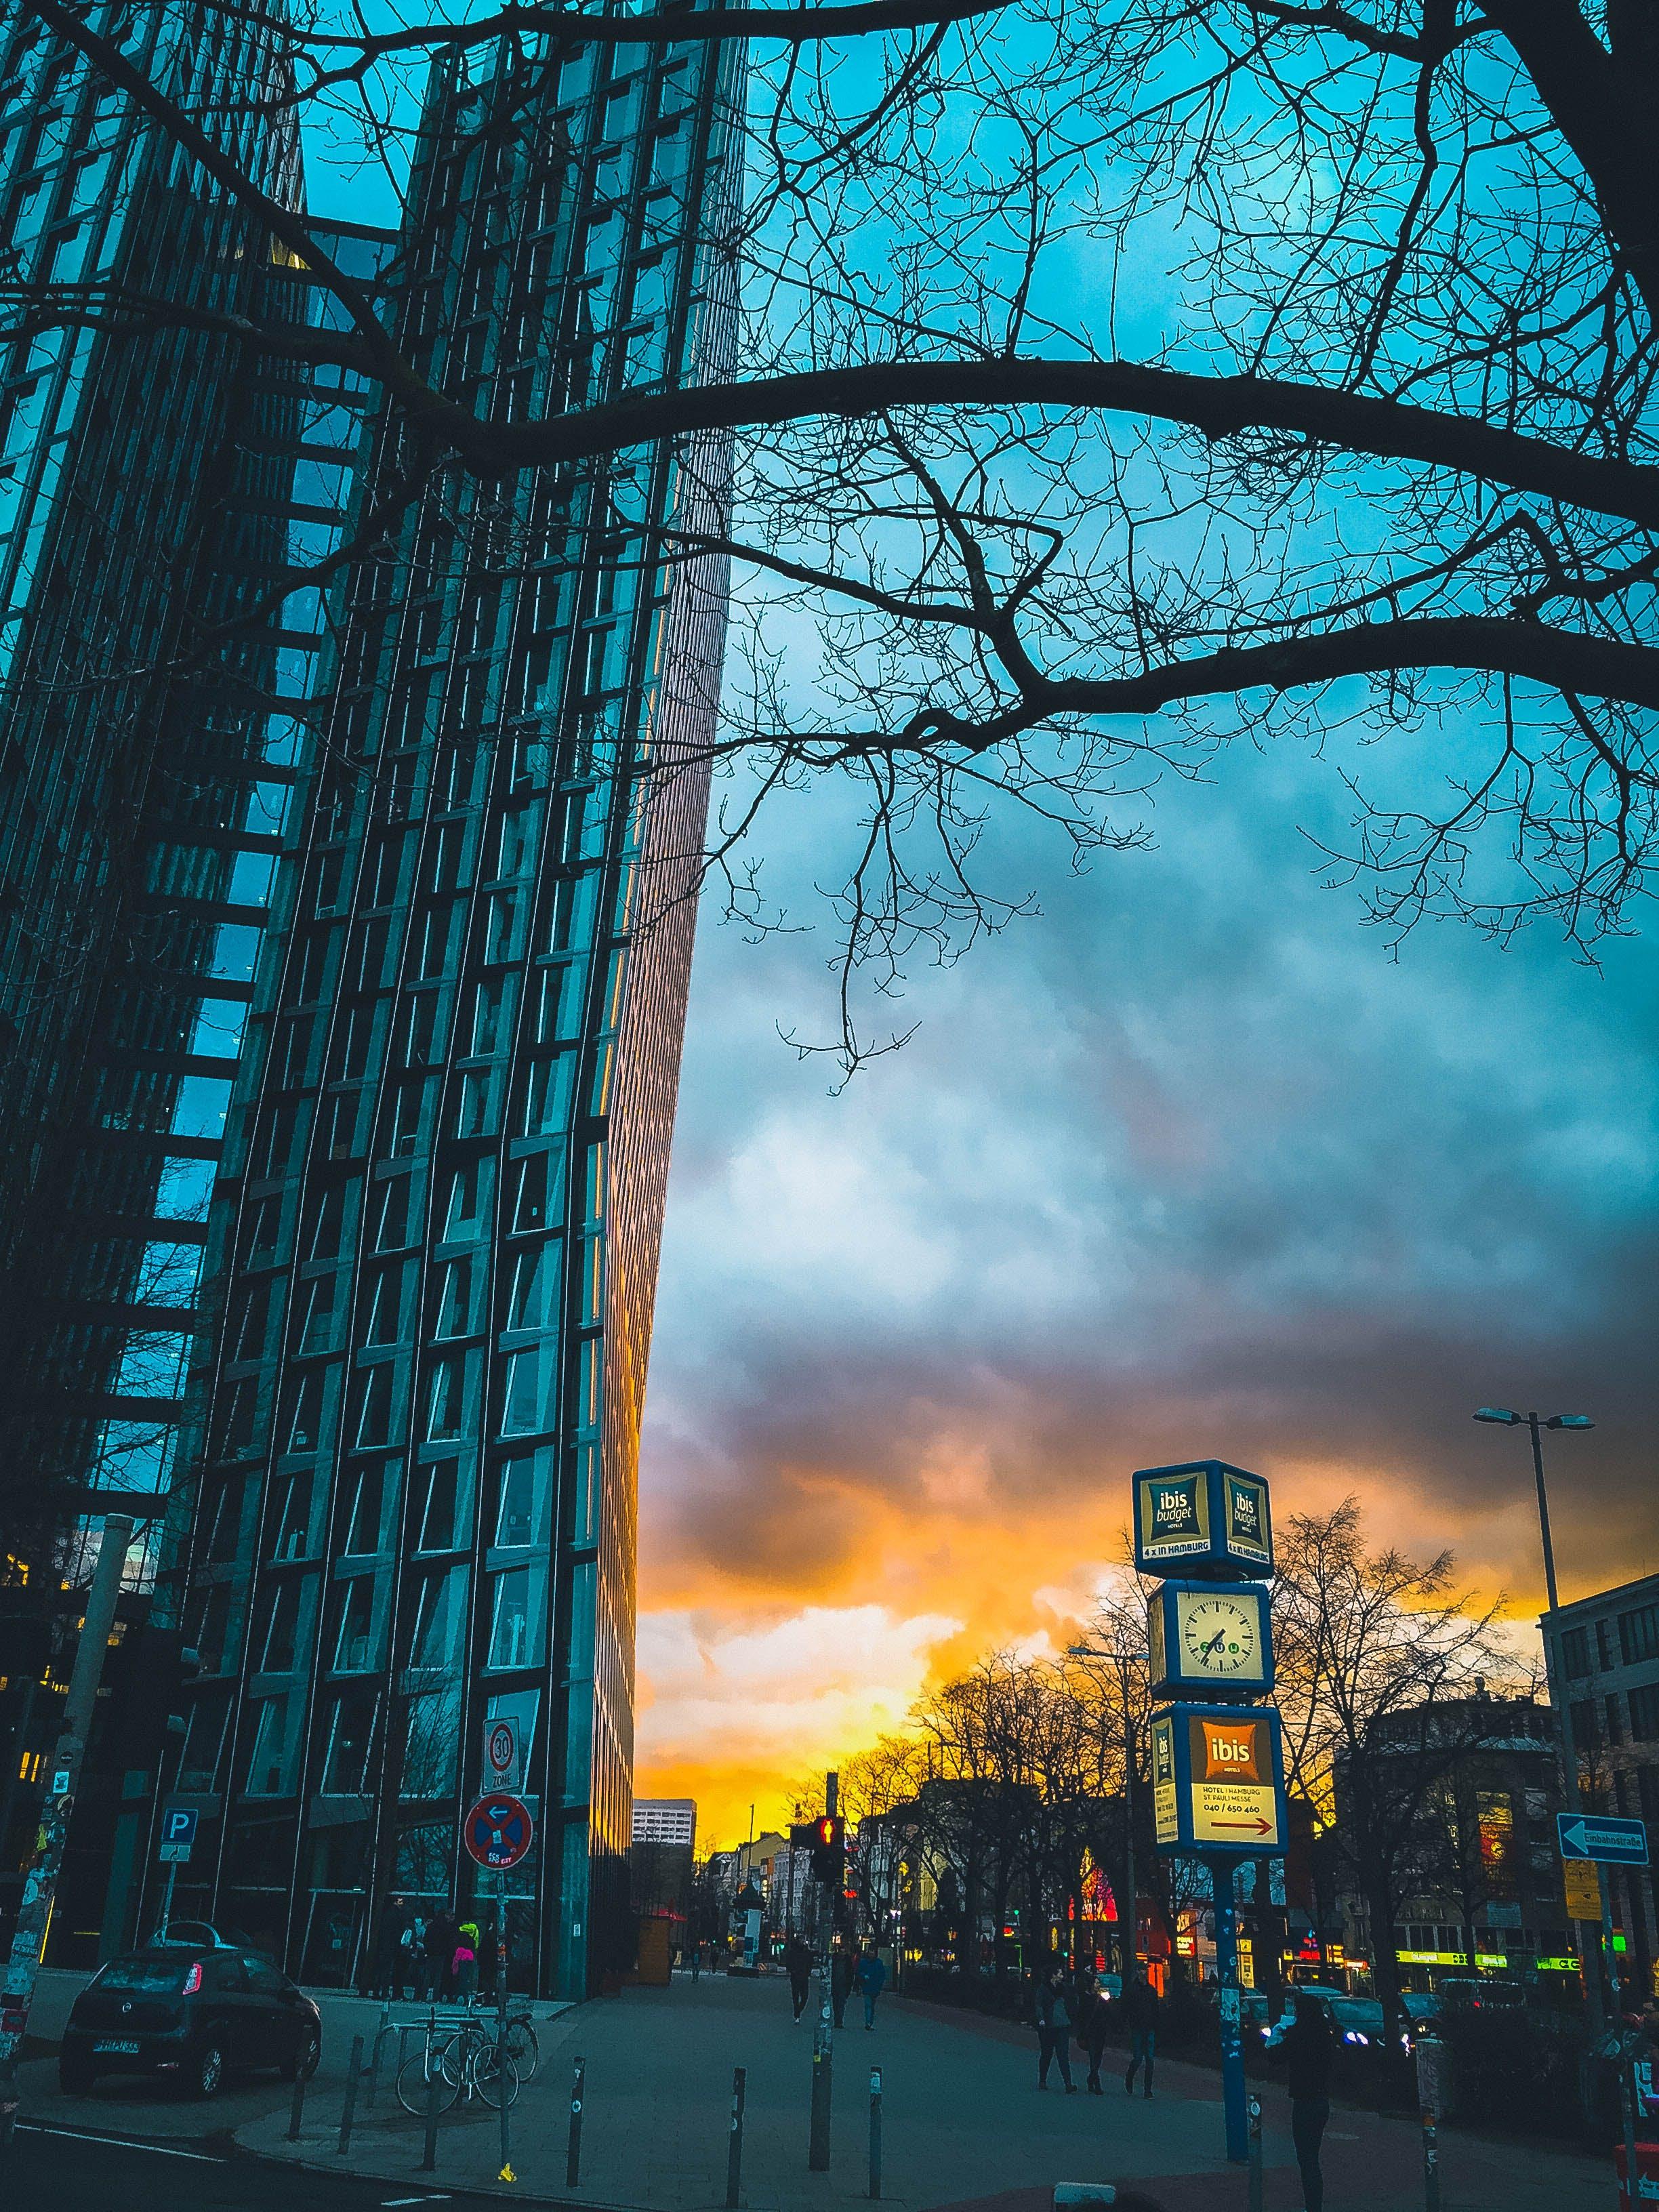 Kostenloses Stock Foto zu abend, architektur, autos, bäume